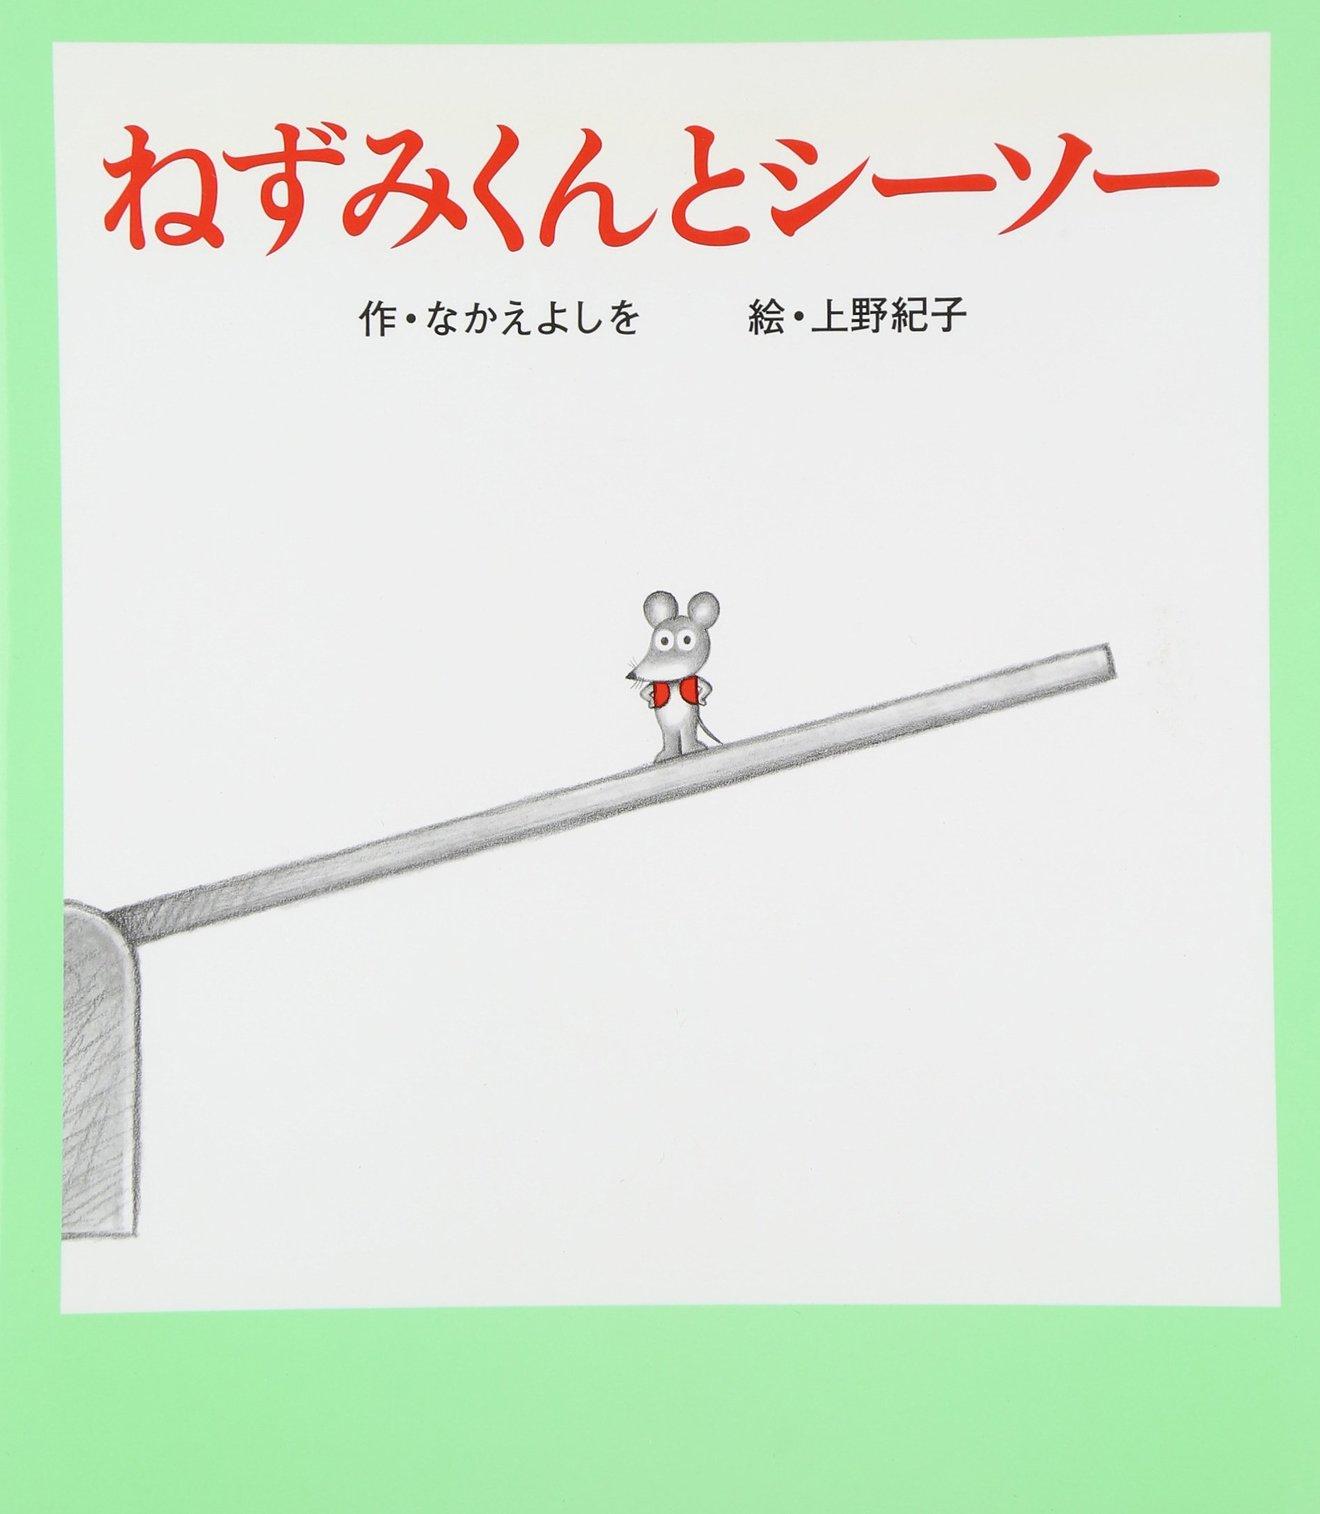 『ねずみくんのチョッキ』は名作!おすすめシリーズ絵本5選